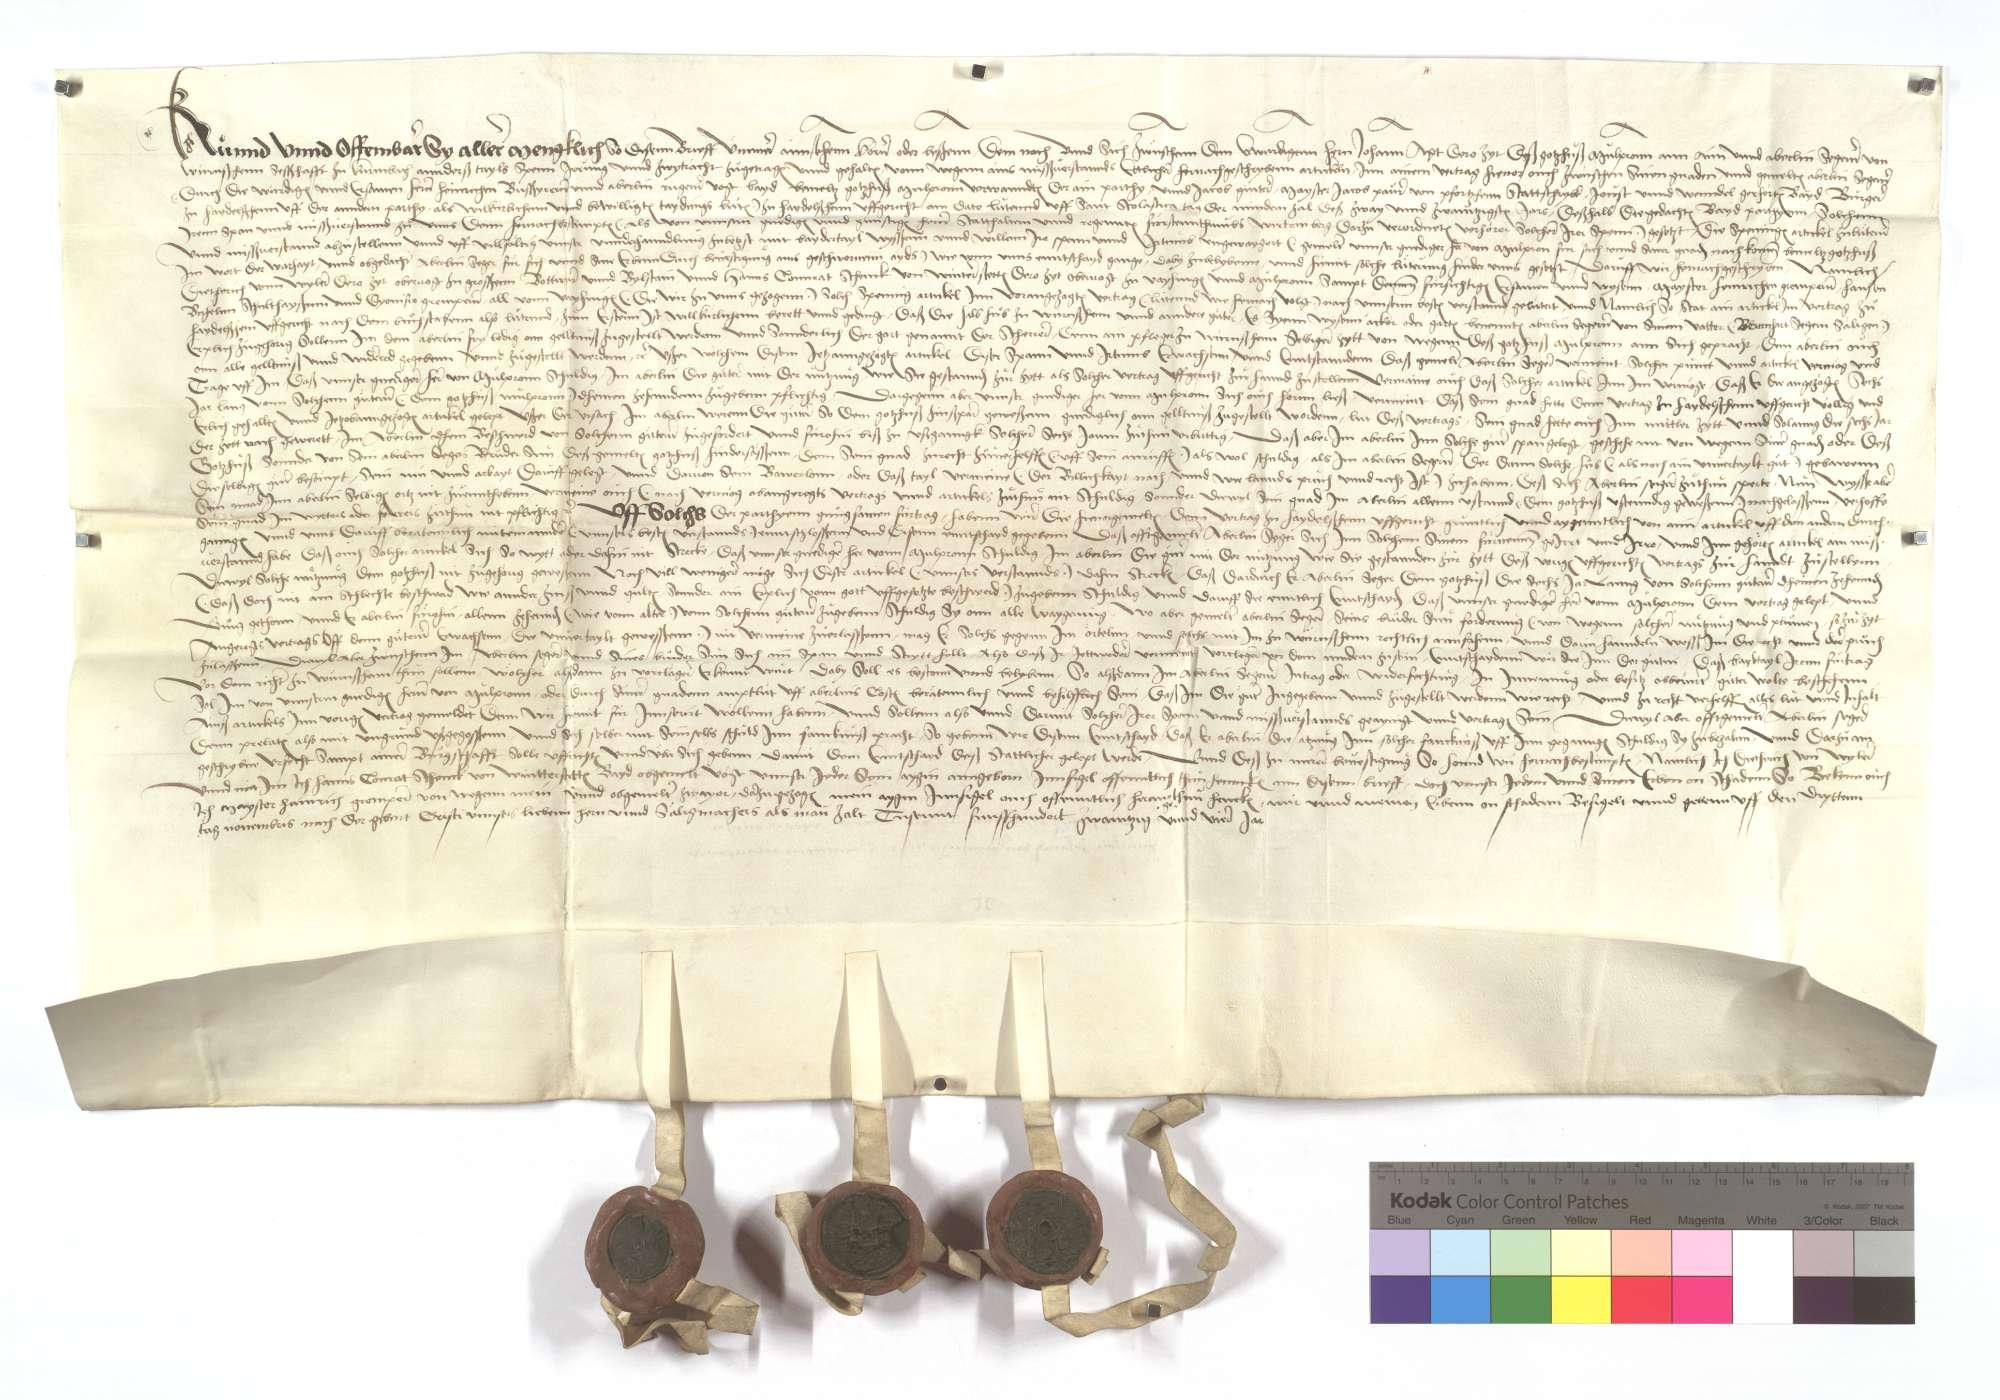 Vertrag zwischen dem Kloster Maulbronn und Aberlin Seger von Kürnbach wegen des Zehnten und der Nutzung aus etlichen Hubgütern in Wiernsheim., Text